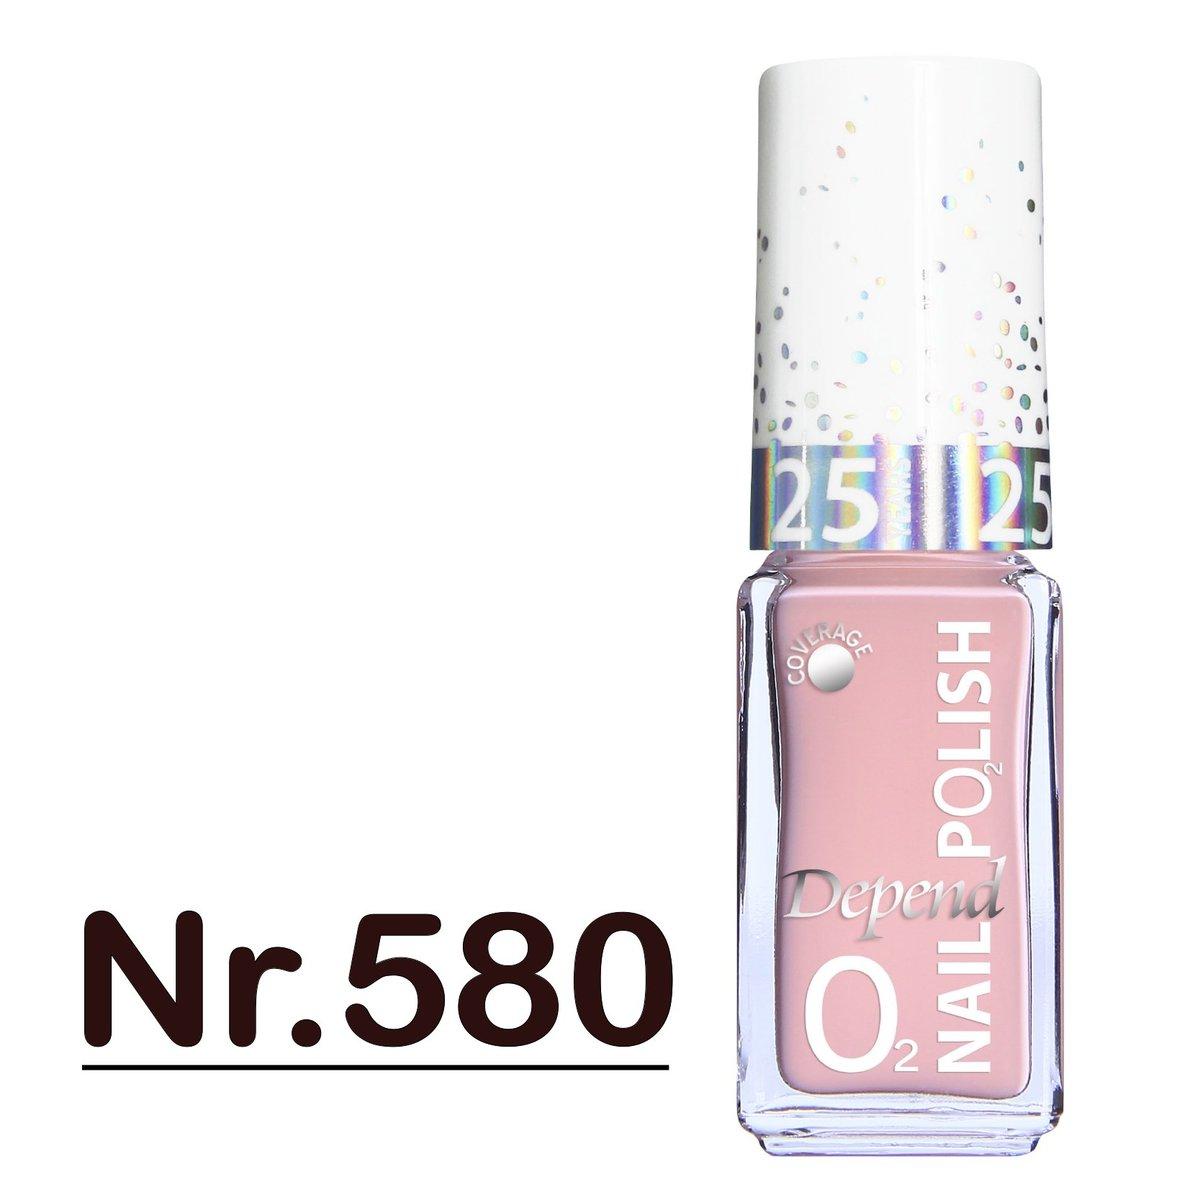 Minilack Oxygen färg A580 5ML